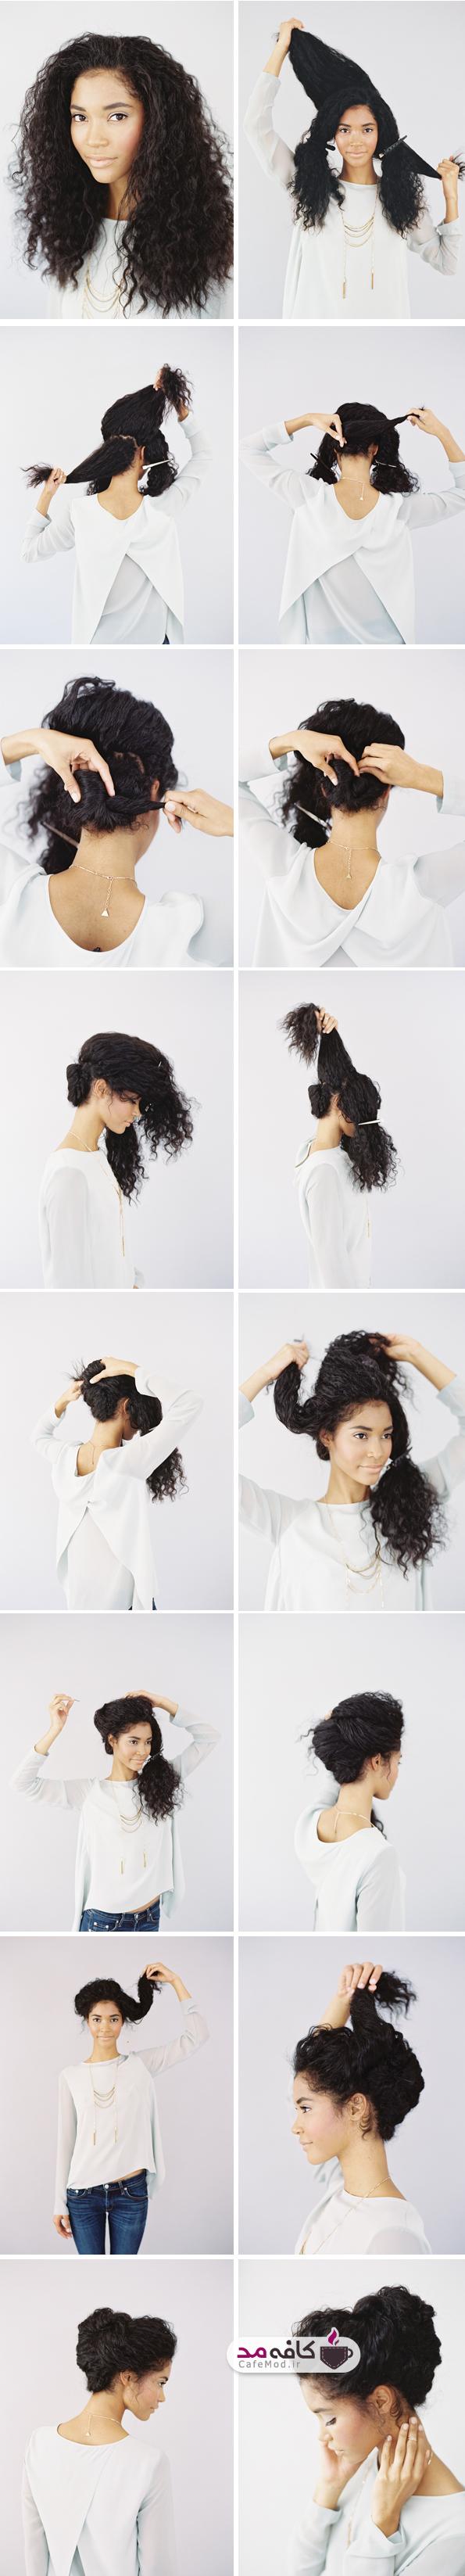 آموزش آرایش موی فرفری